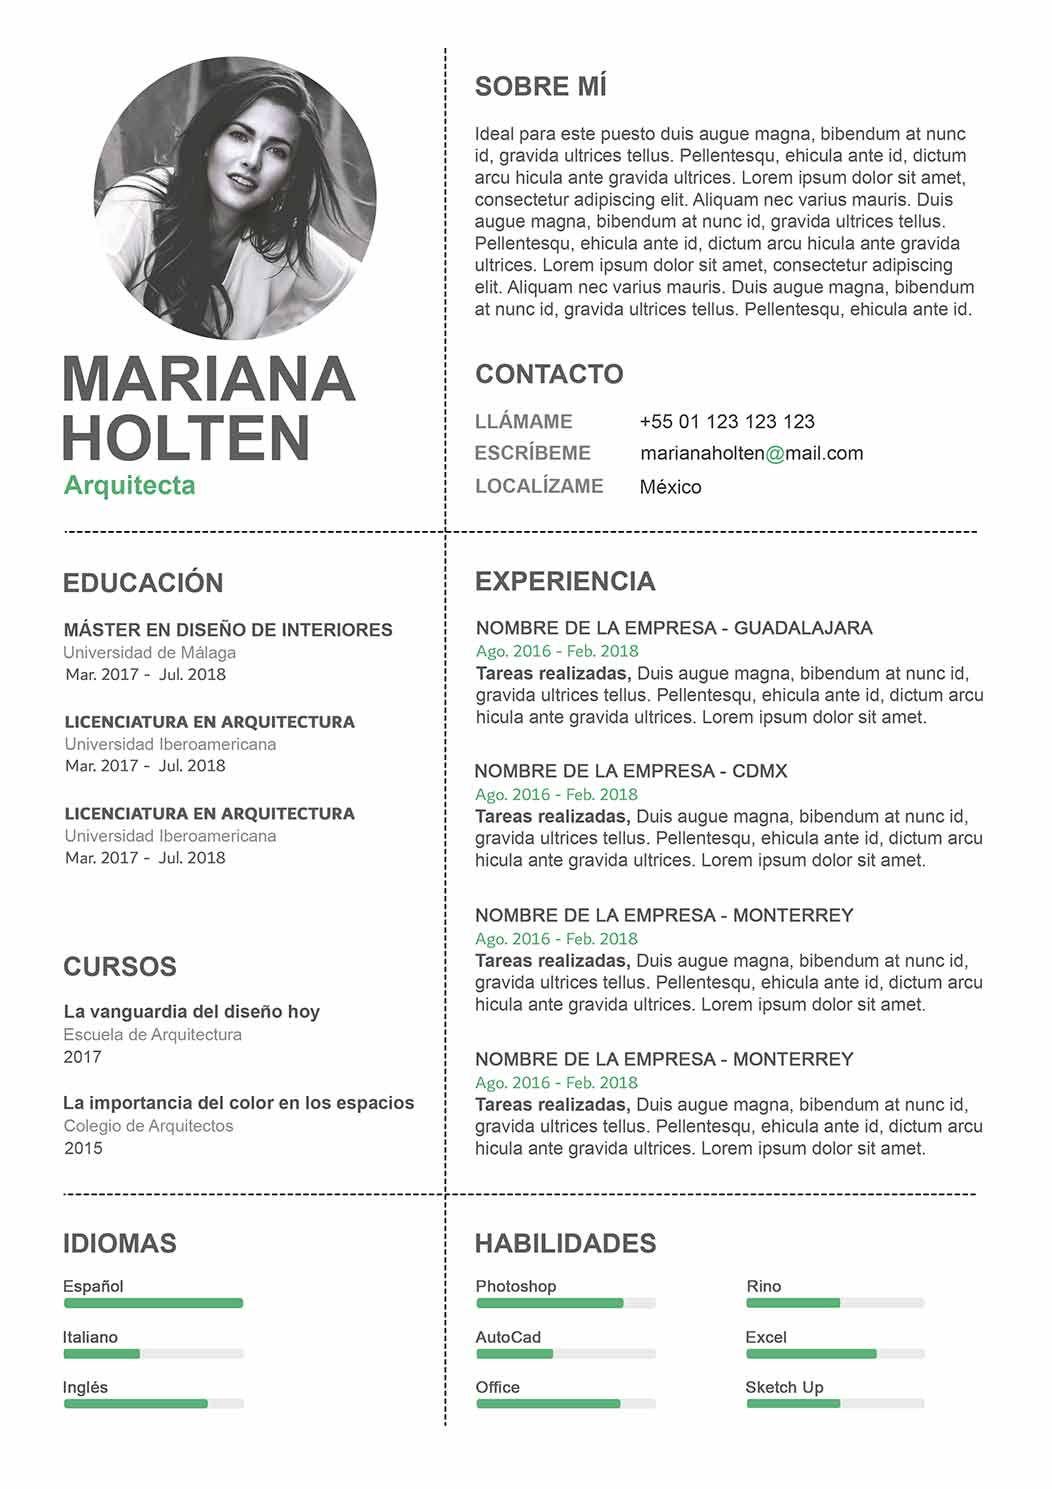 30 Plantillas De Curriculum Para Rellenar Word Y Photoshop Curriculum Vitae Curriculum Lorem Ipsum